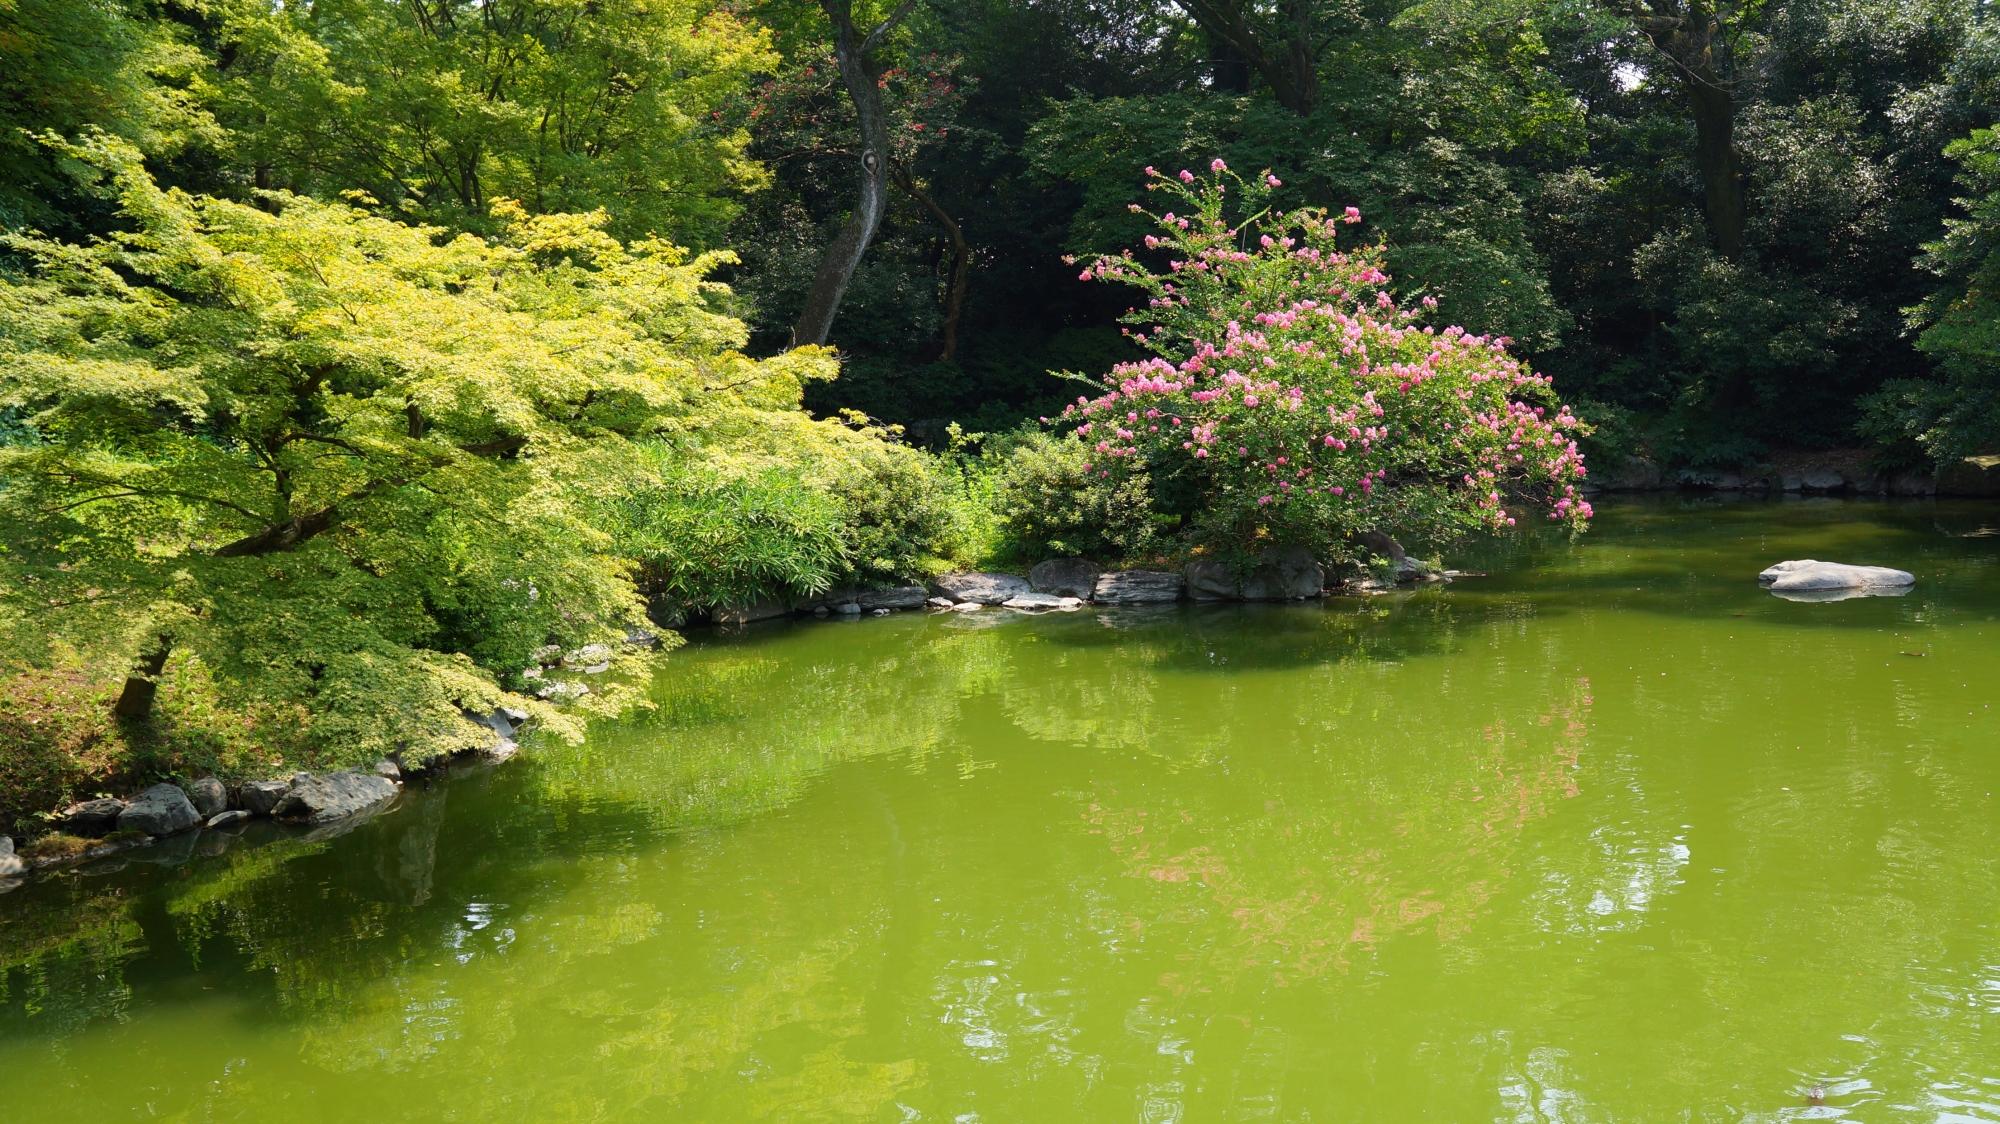 青もみじとともに水辺を鮮やかに彩る京都御苑の百日紅